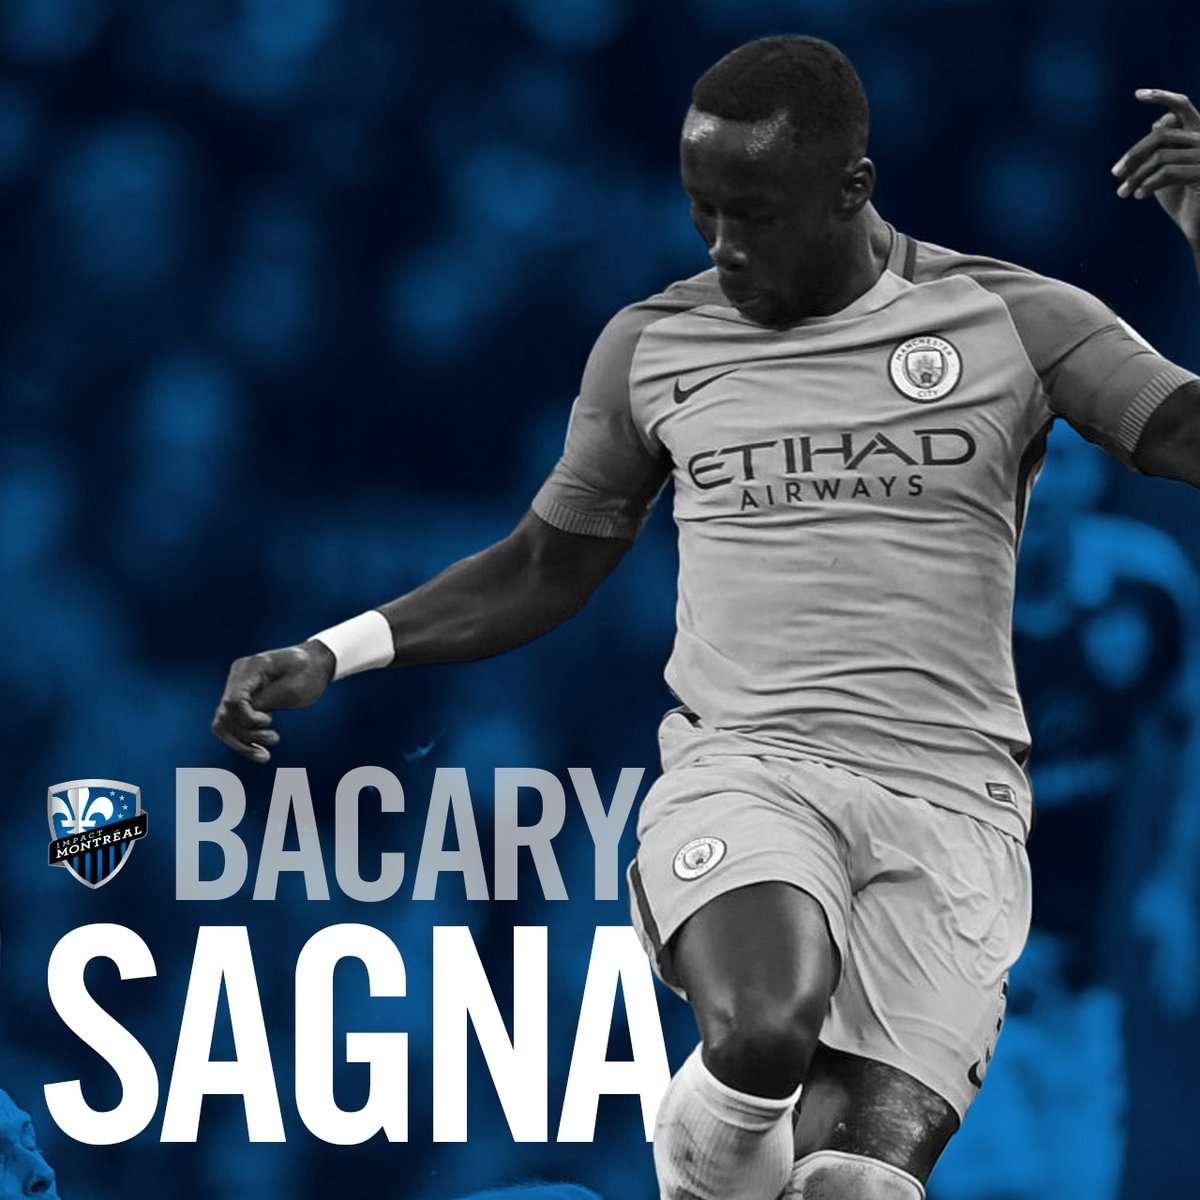 Officiel : Bacary Sagna s'envole à Montréal !